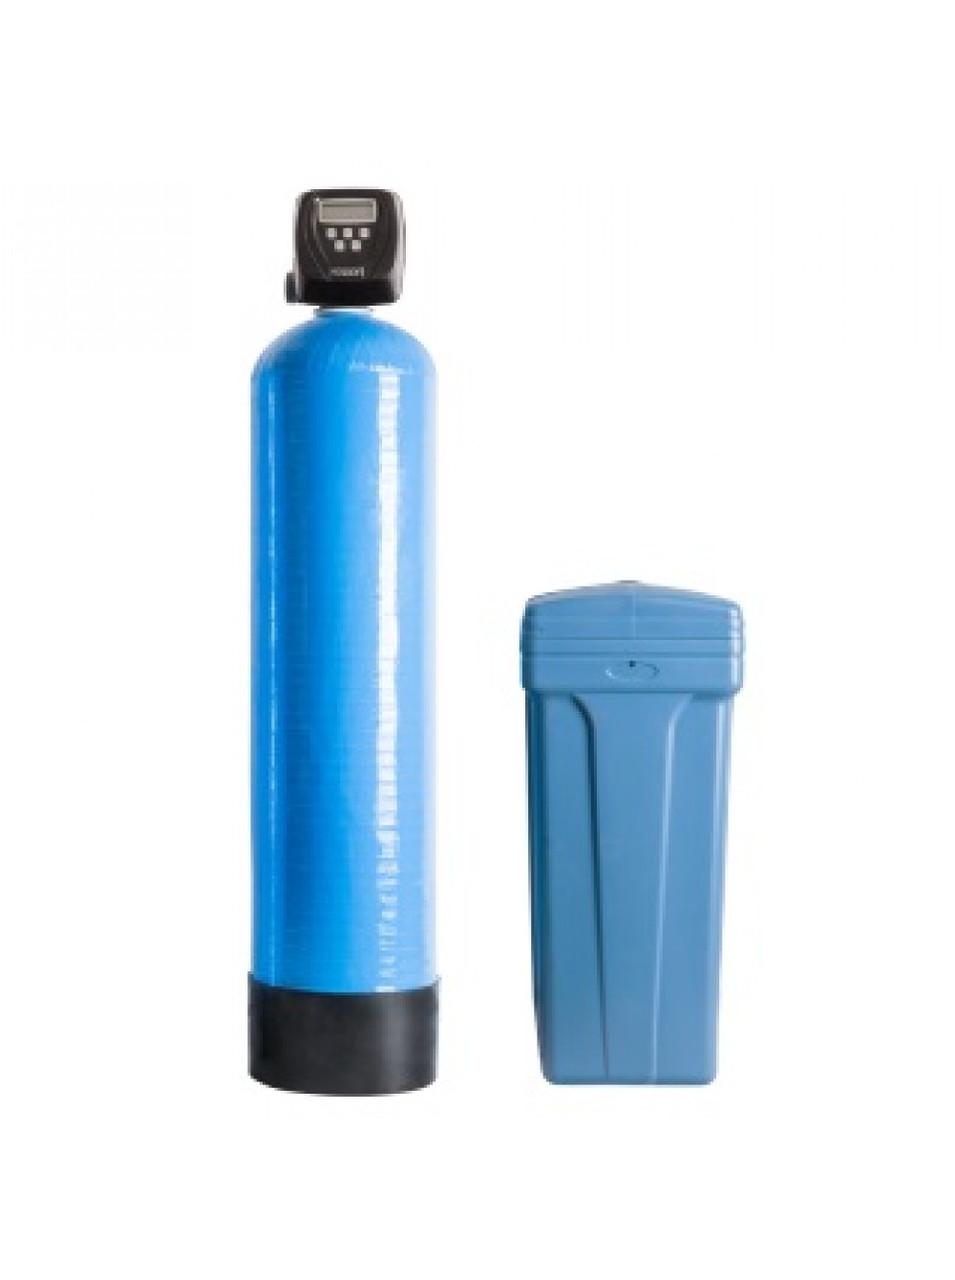 Фильтр обезжелезивания и умягчения воды Filtrons KO1465 Clack CI